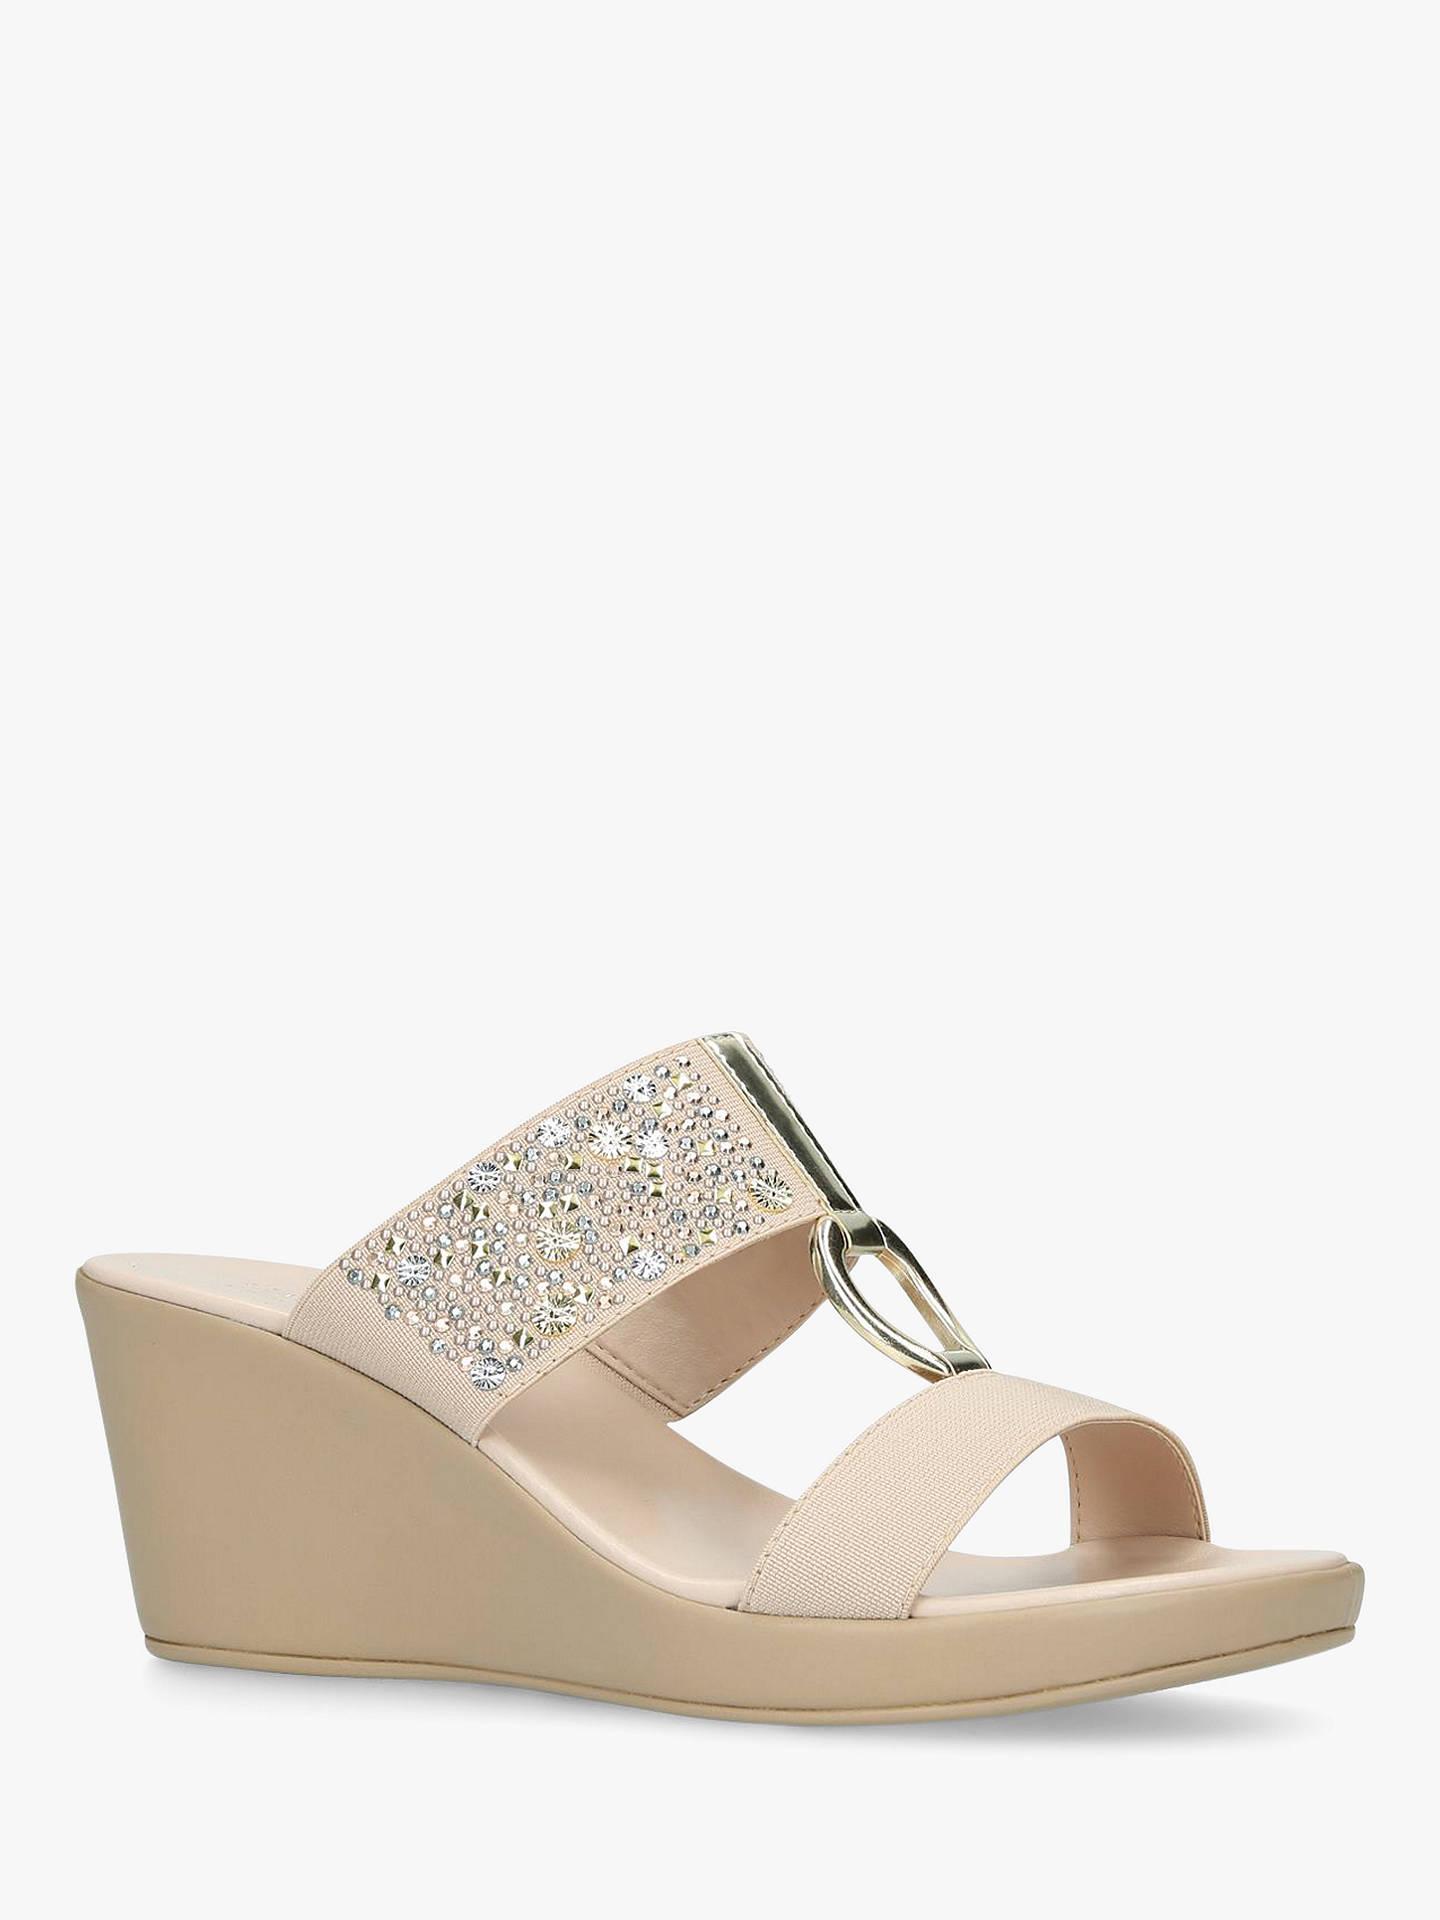 f40101ff4d049 ... Buy Carvela Comfort Salt Wedge Heel Sandals, Nude, 3 Online at  johnlewis.com ...